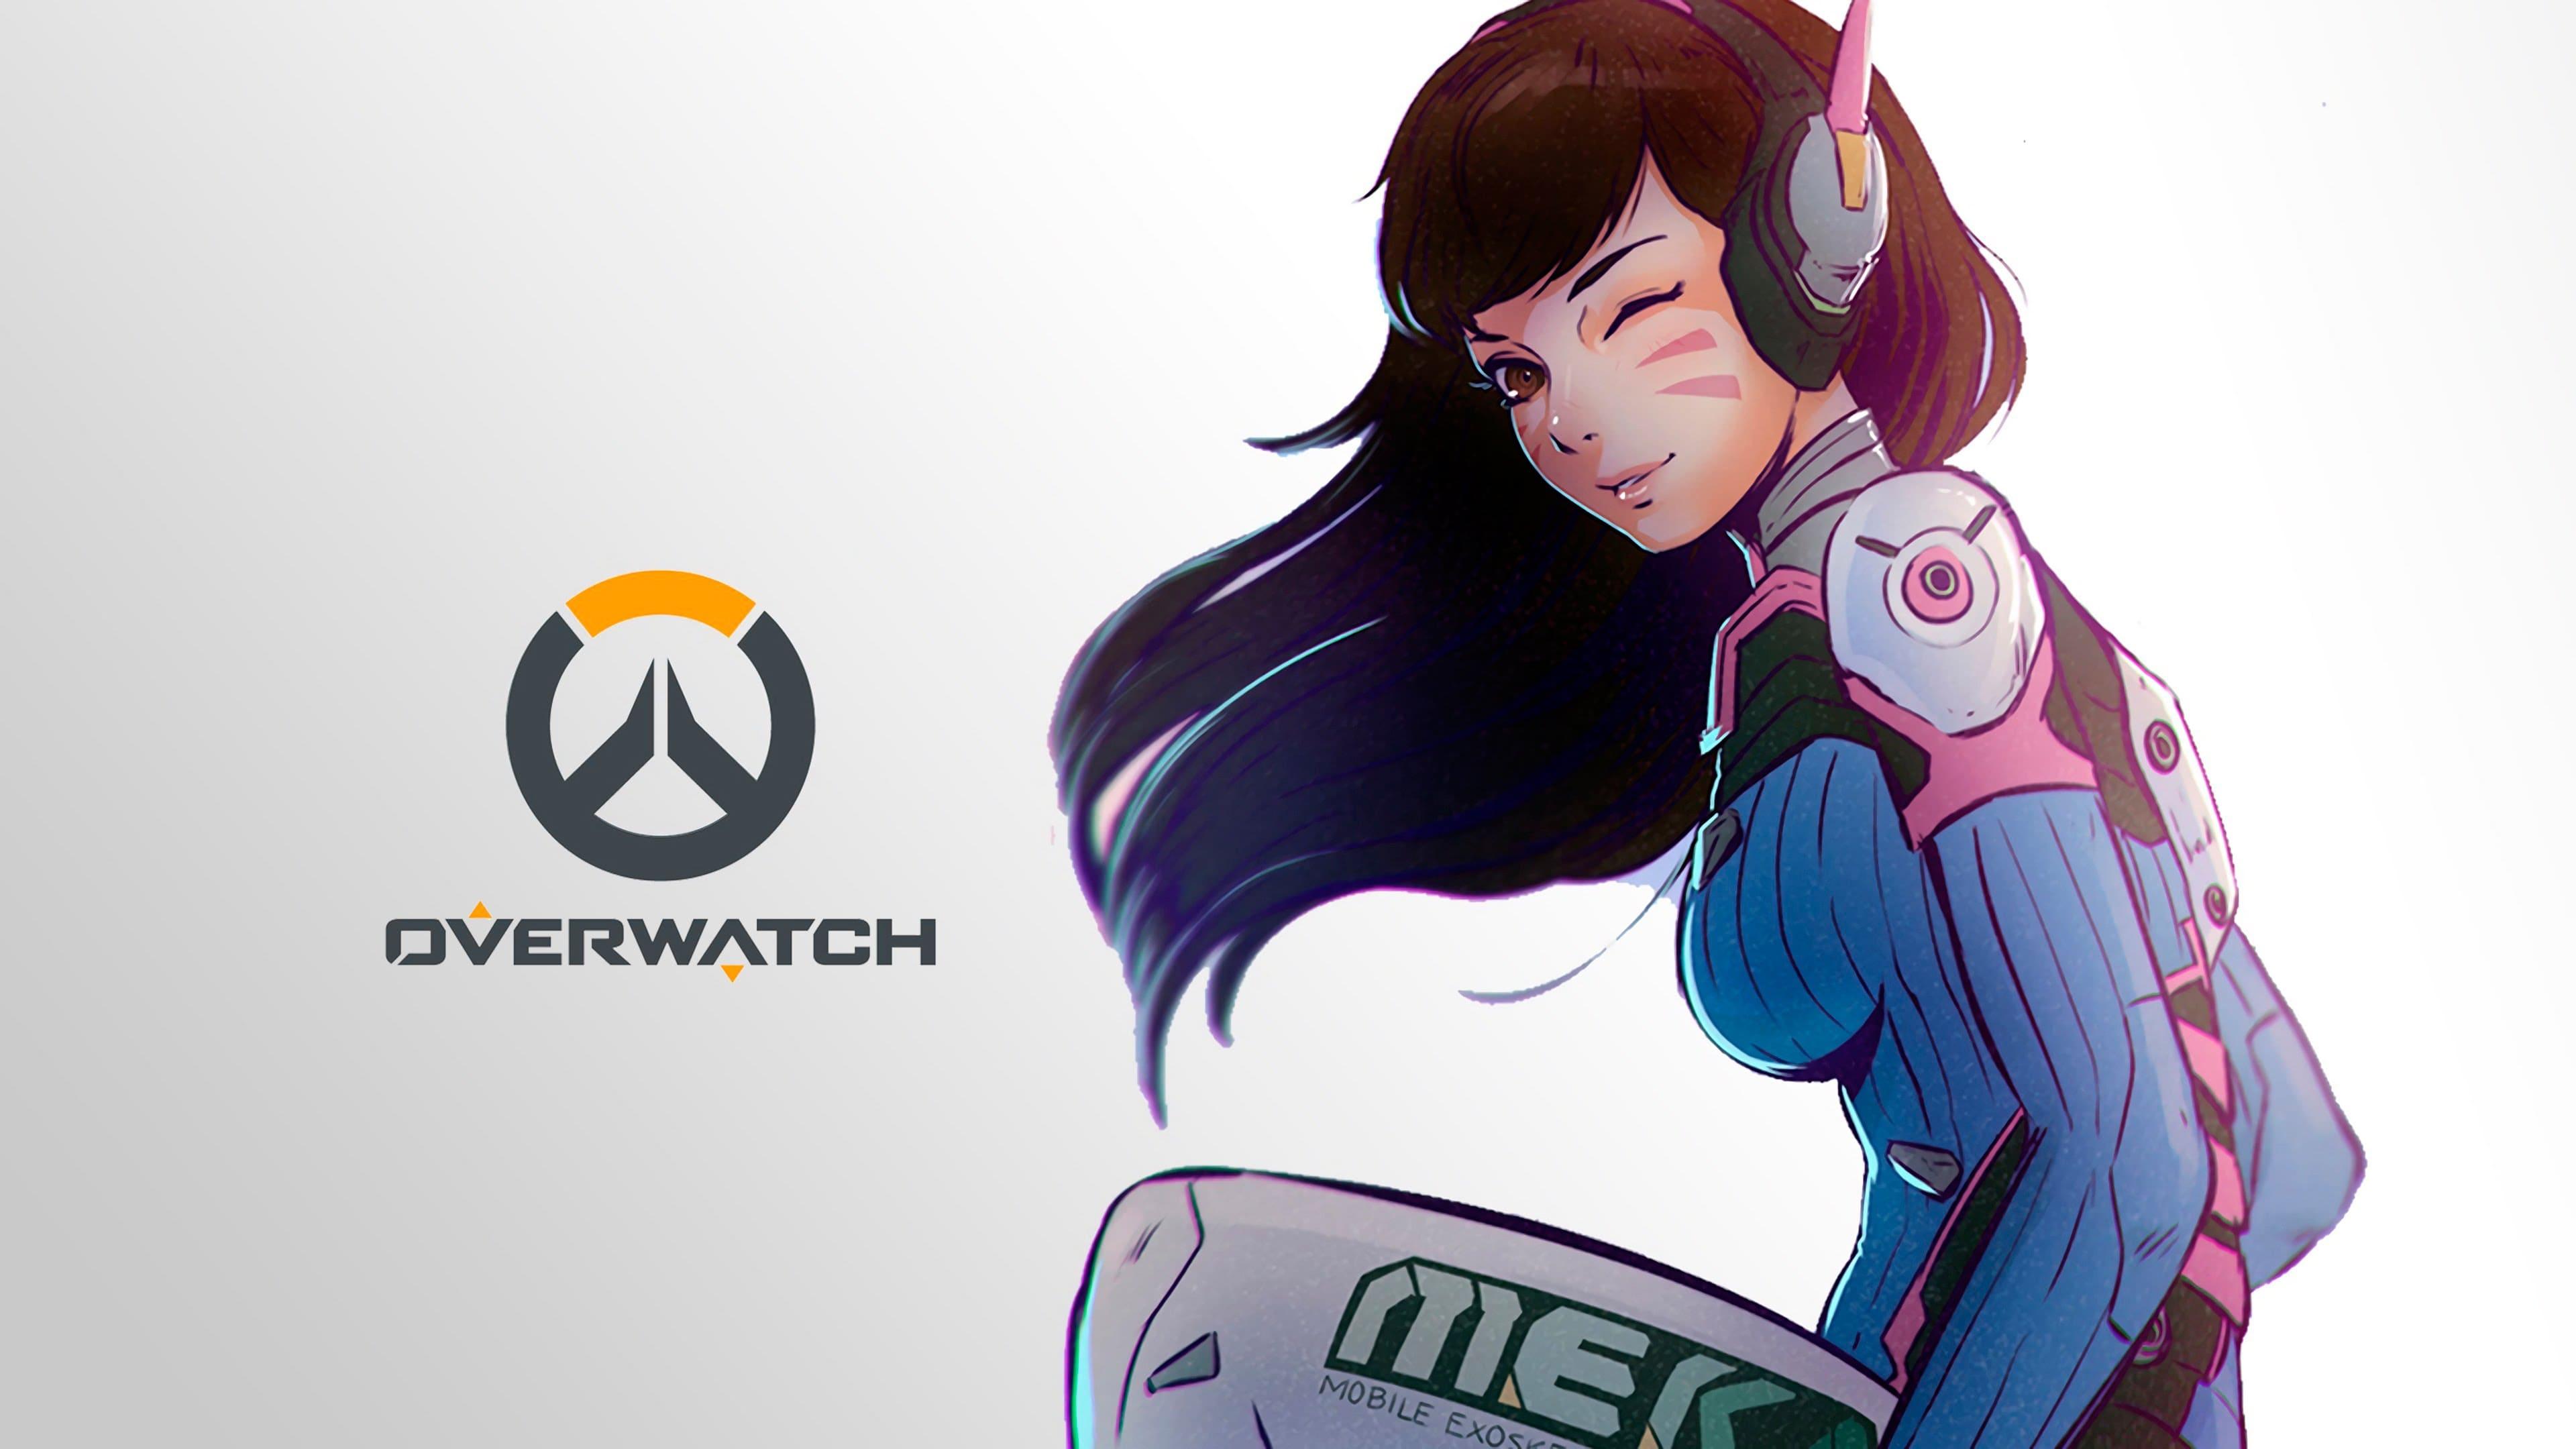 Overwatch : D.Va Backgrounds